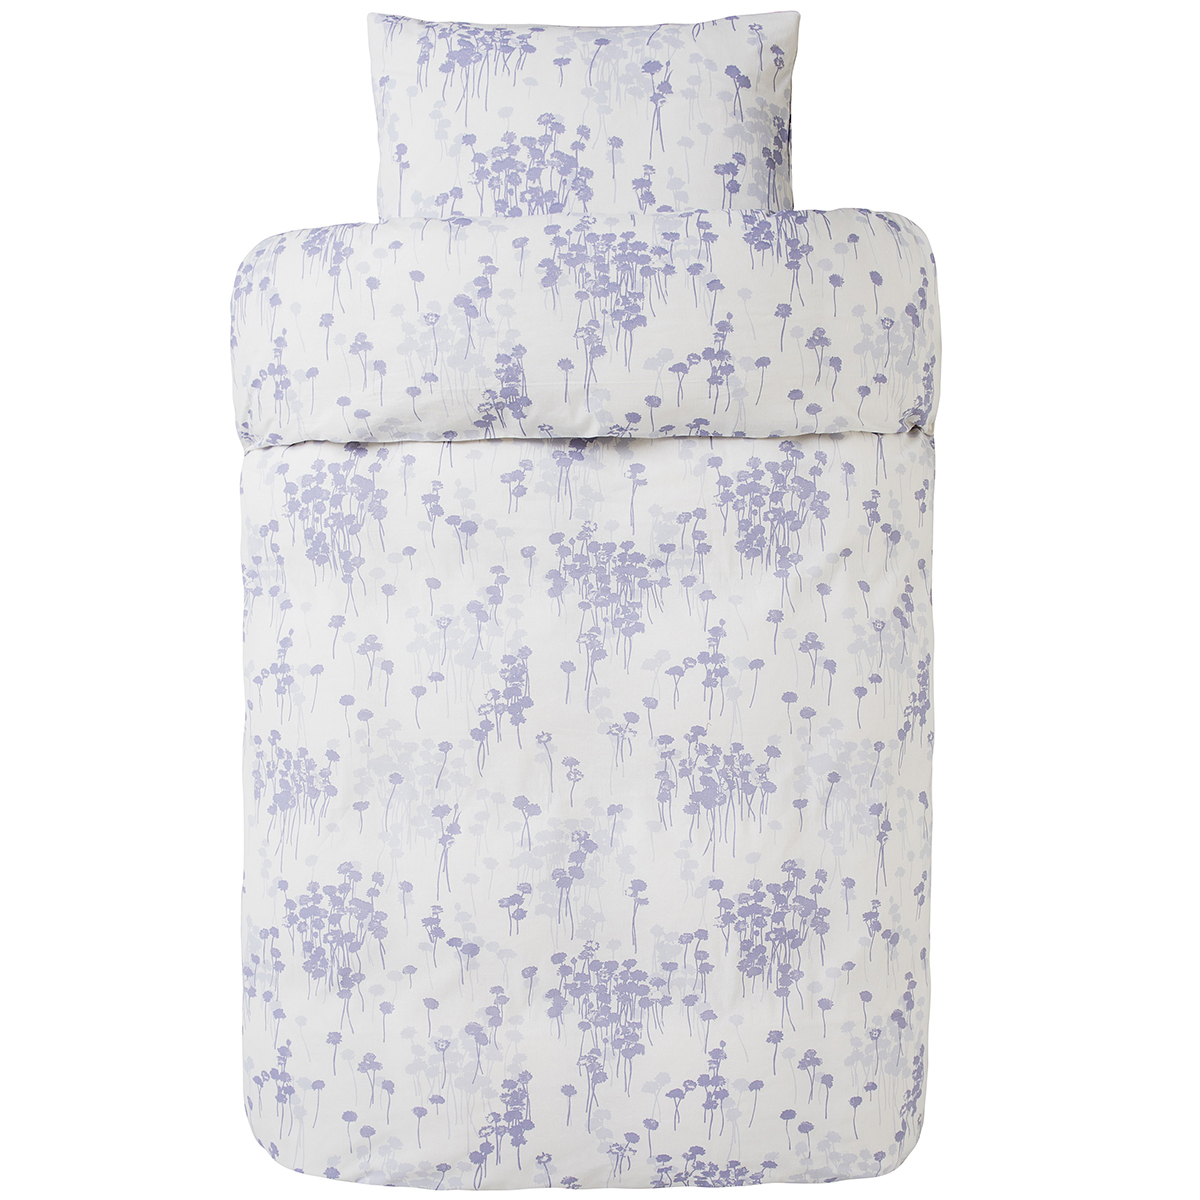 Image of   Mascot sengetøj - Ellen - Lavendel